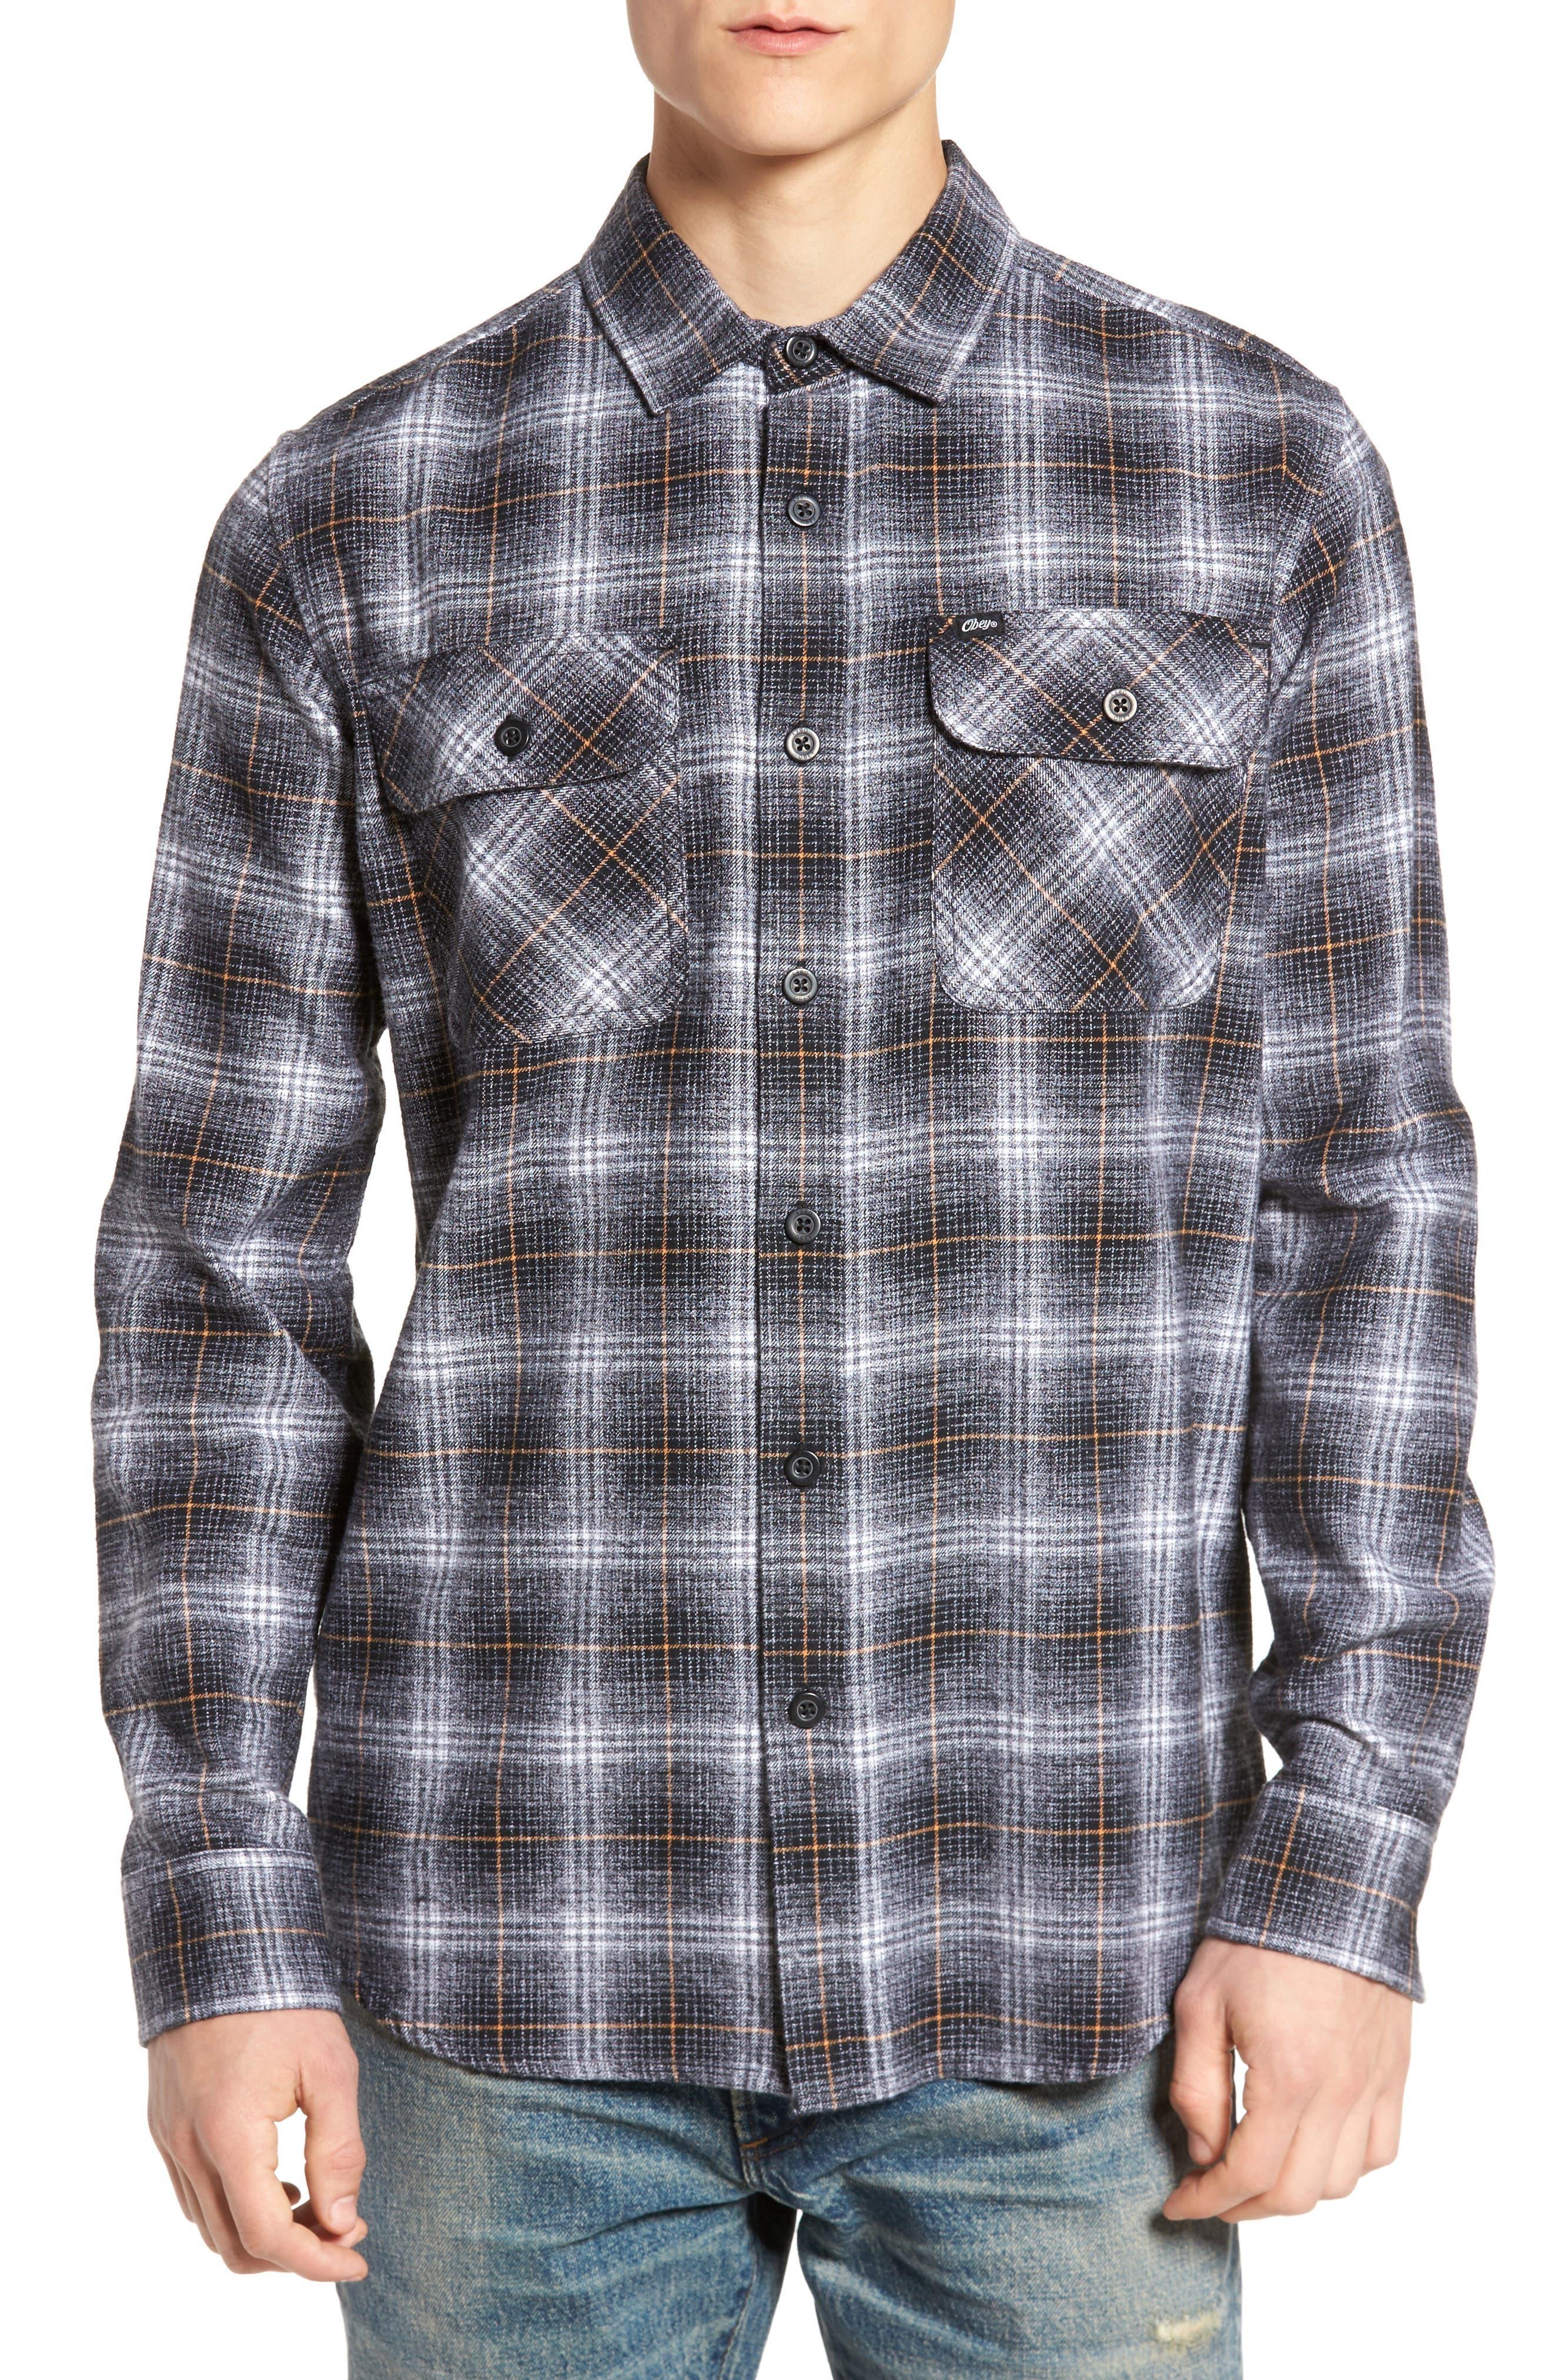 Alternate Image 1 Selected - Obey Shriner Flannel Shirt